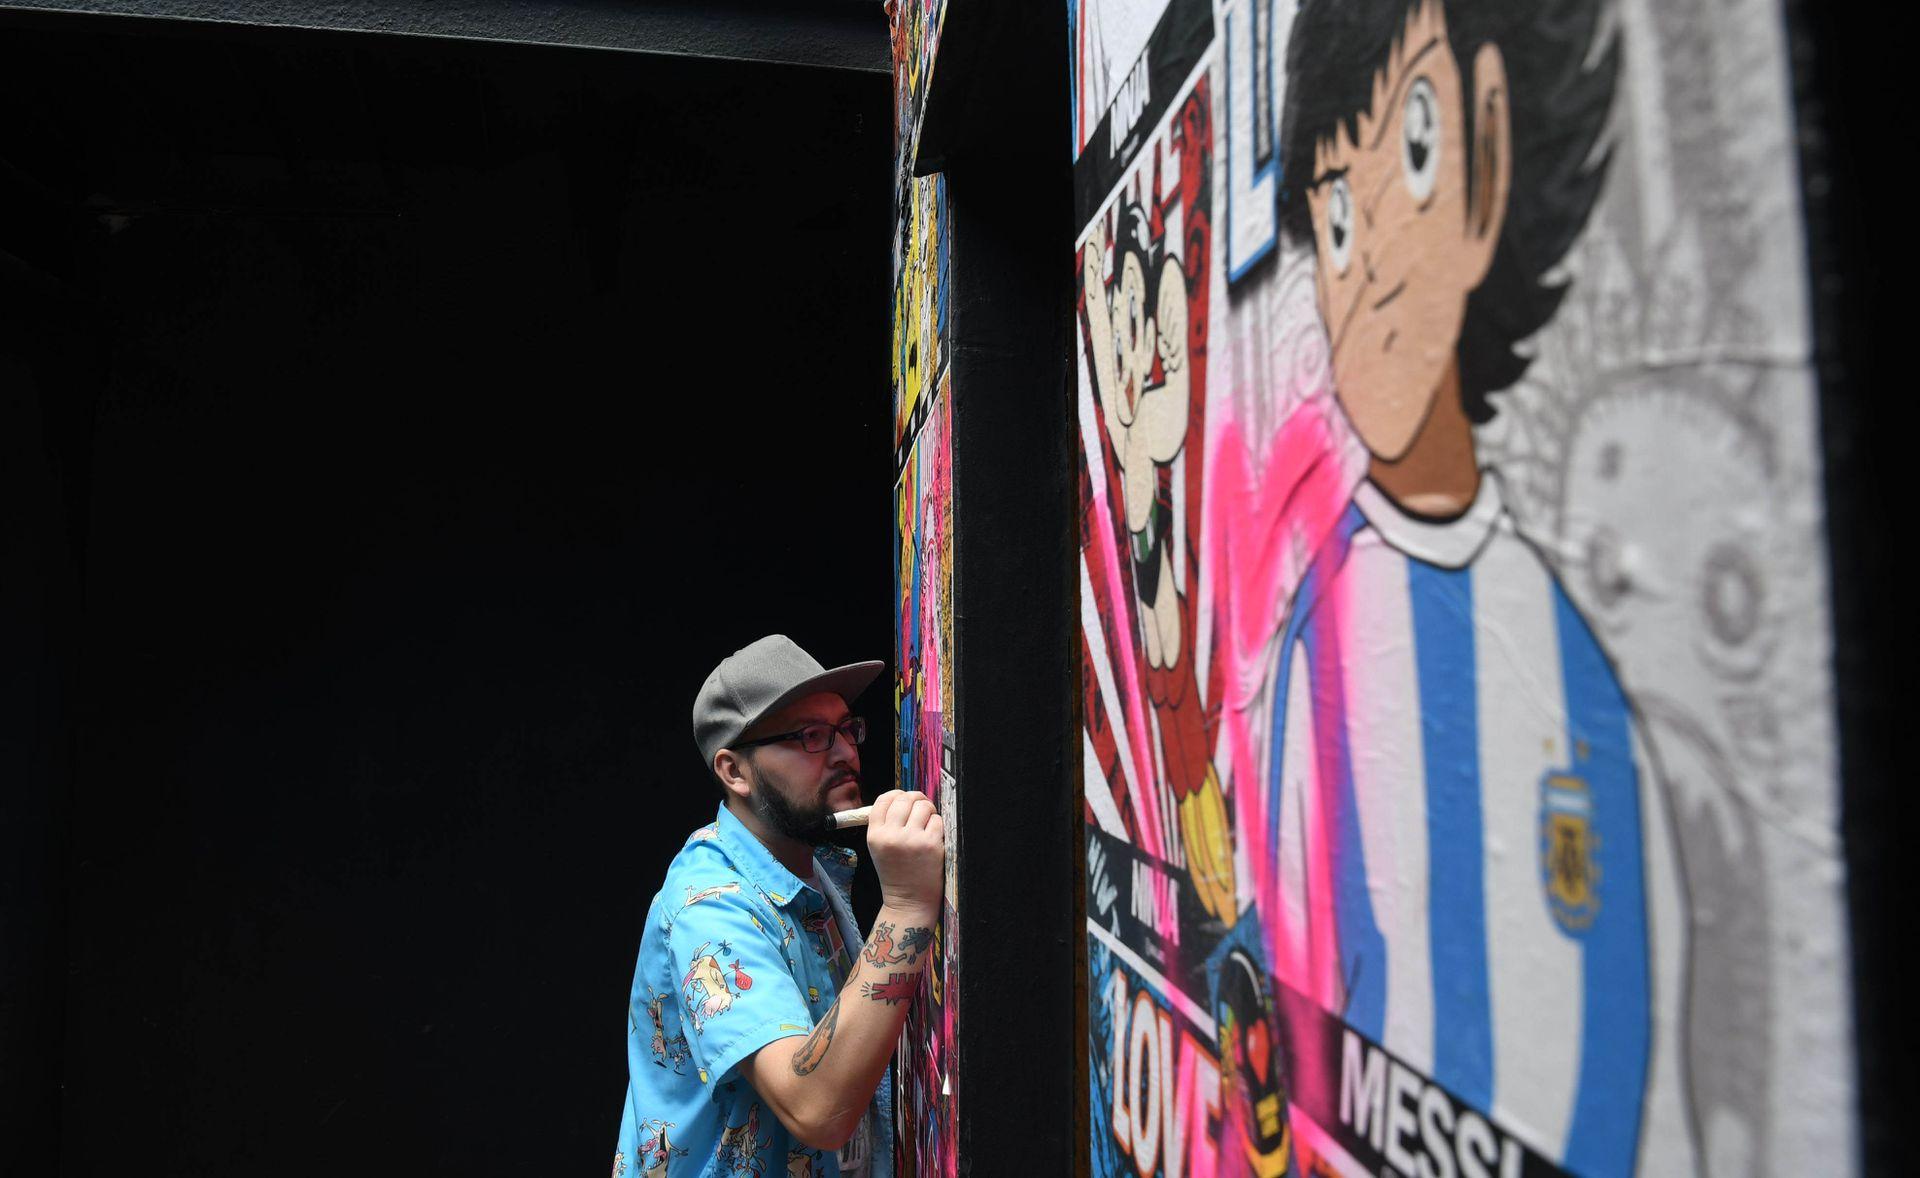 Mural de Captain Tsubasa (de Súper Campeones) con la camiseta argentina y el nombre de Messi